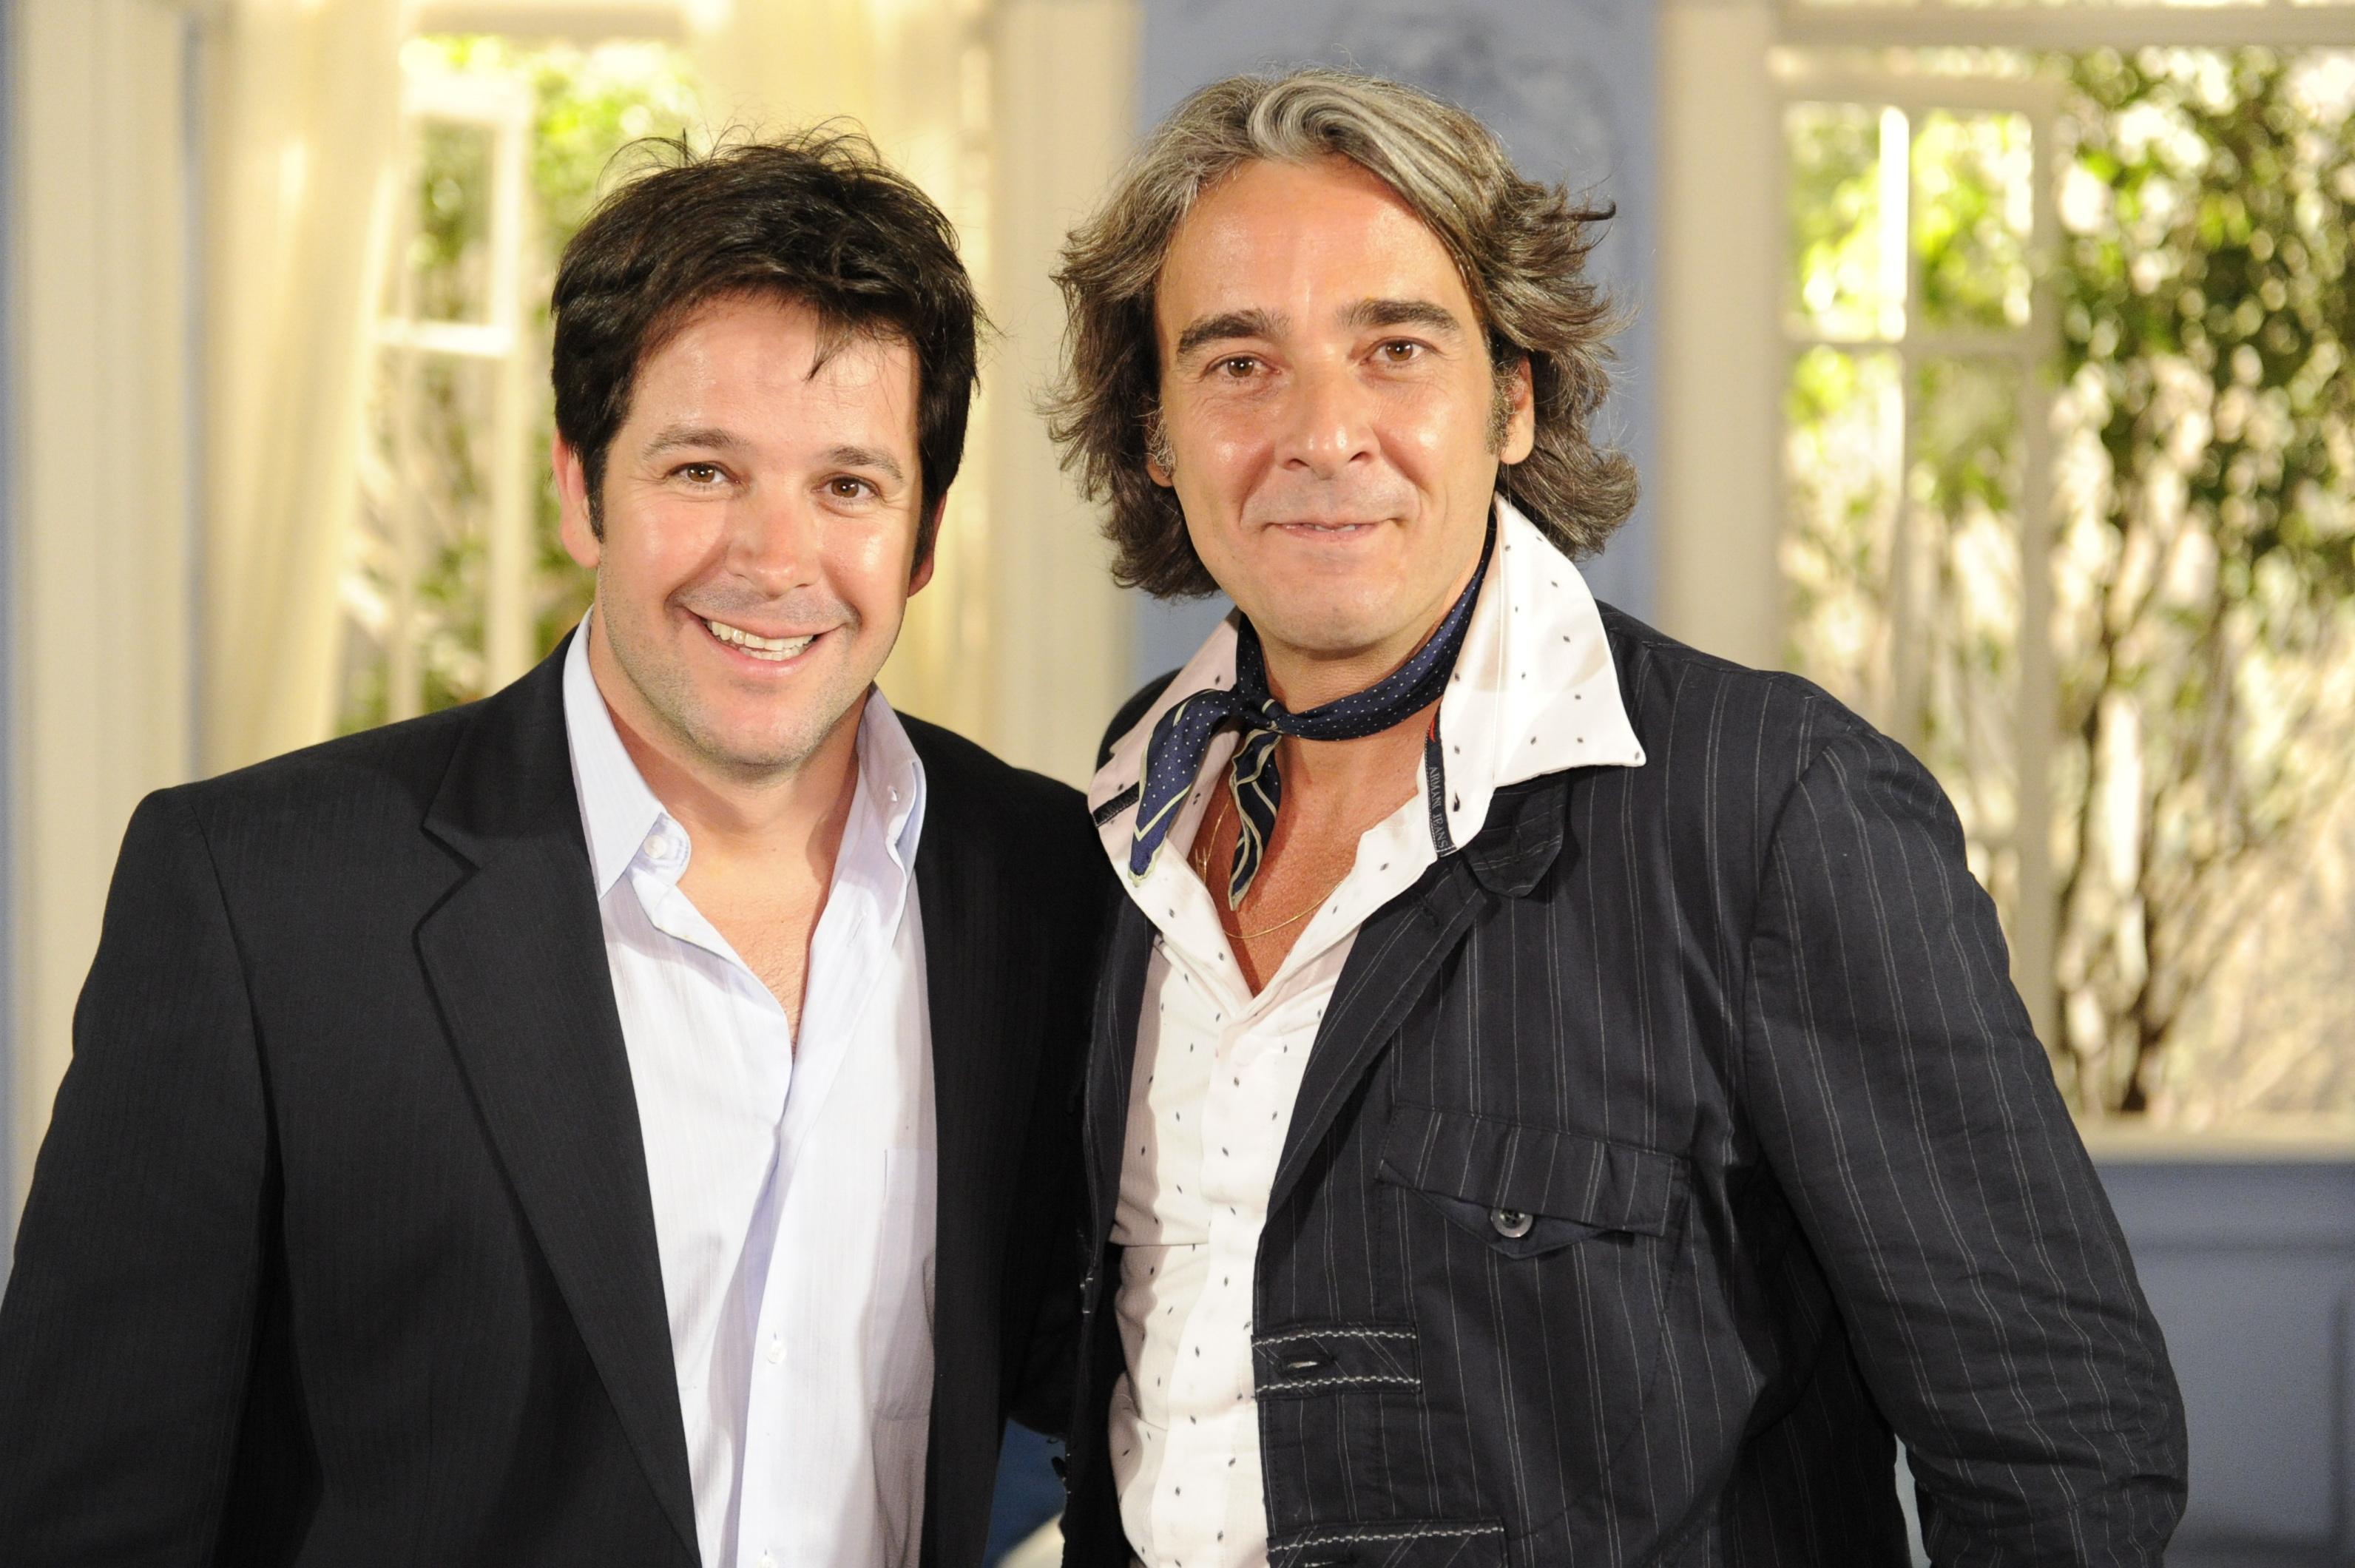 Jacques Leclair (Alexandre Borges) e Victor Valentin (Murilo Benício) são os principais personagens de um grande sucesso chamado